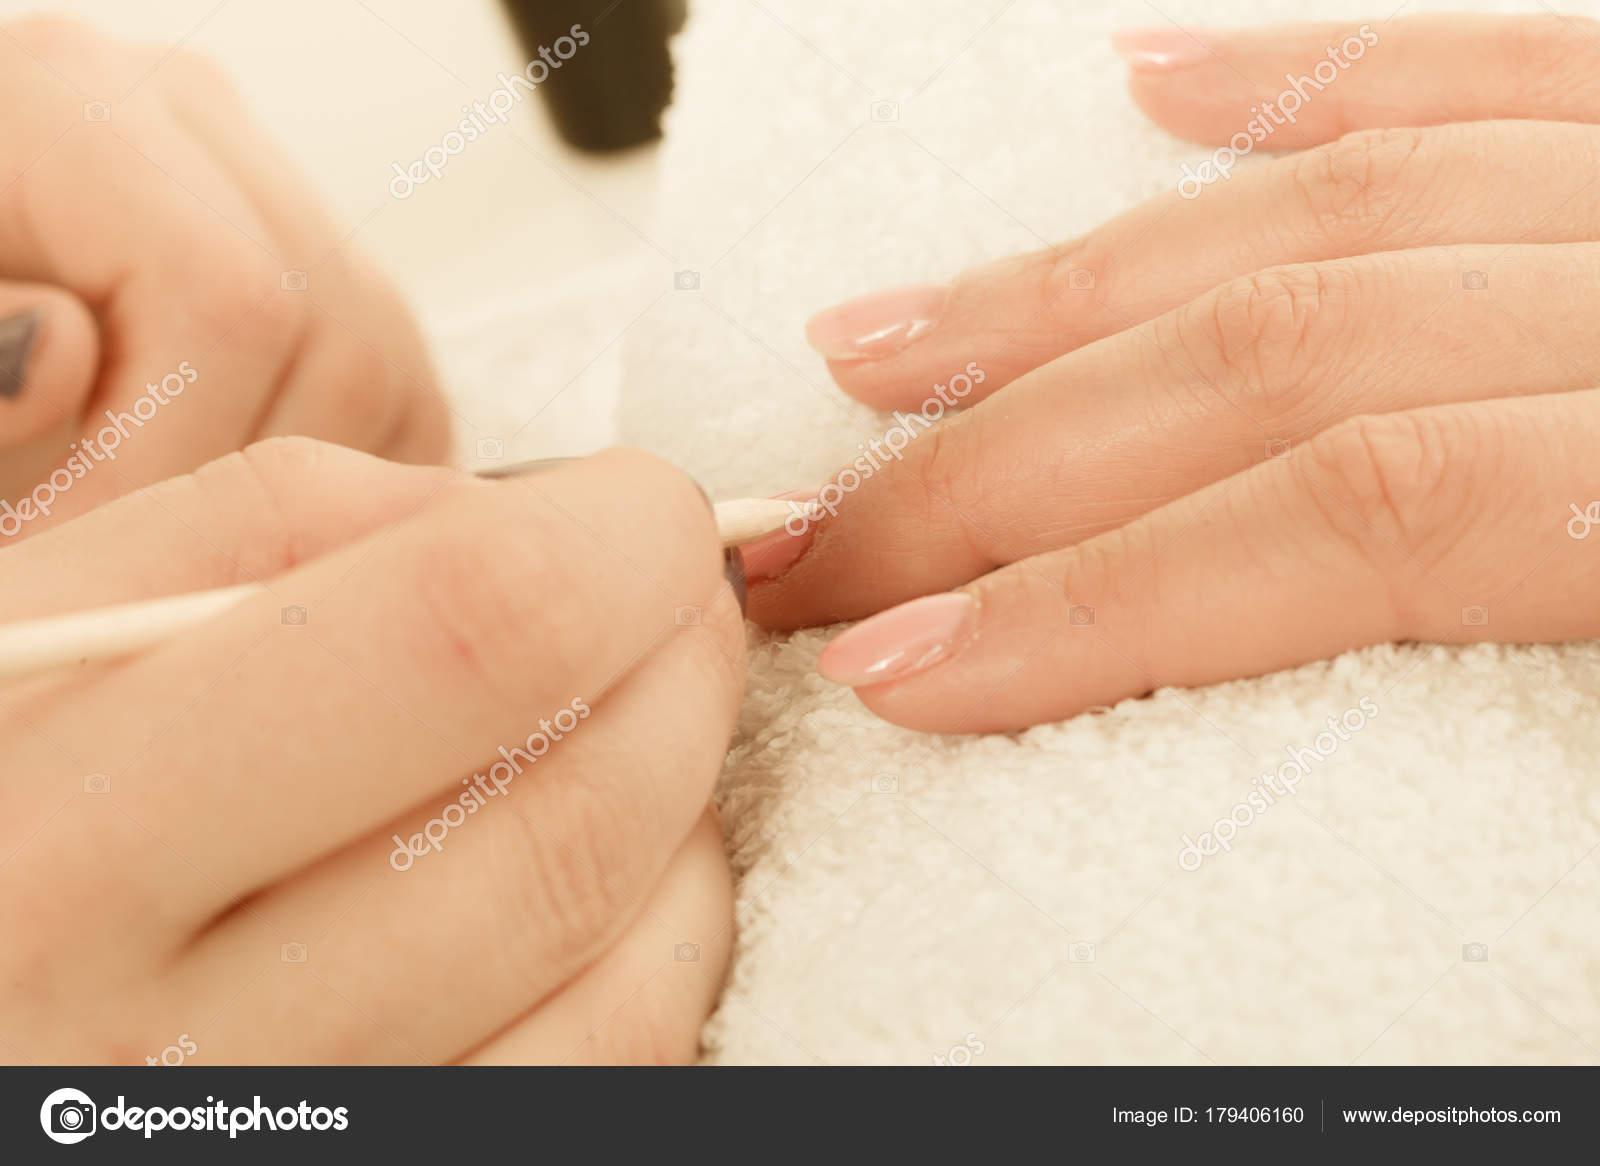 Preparando as unhas Mãos